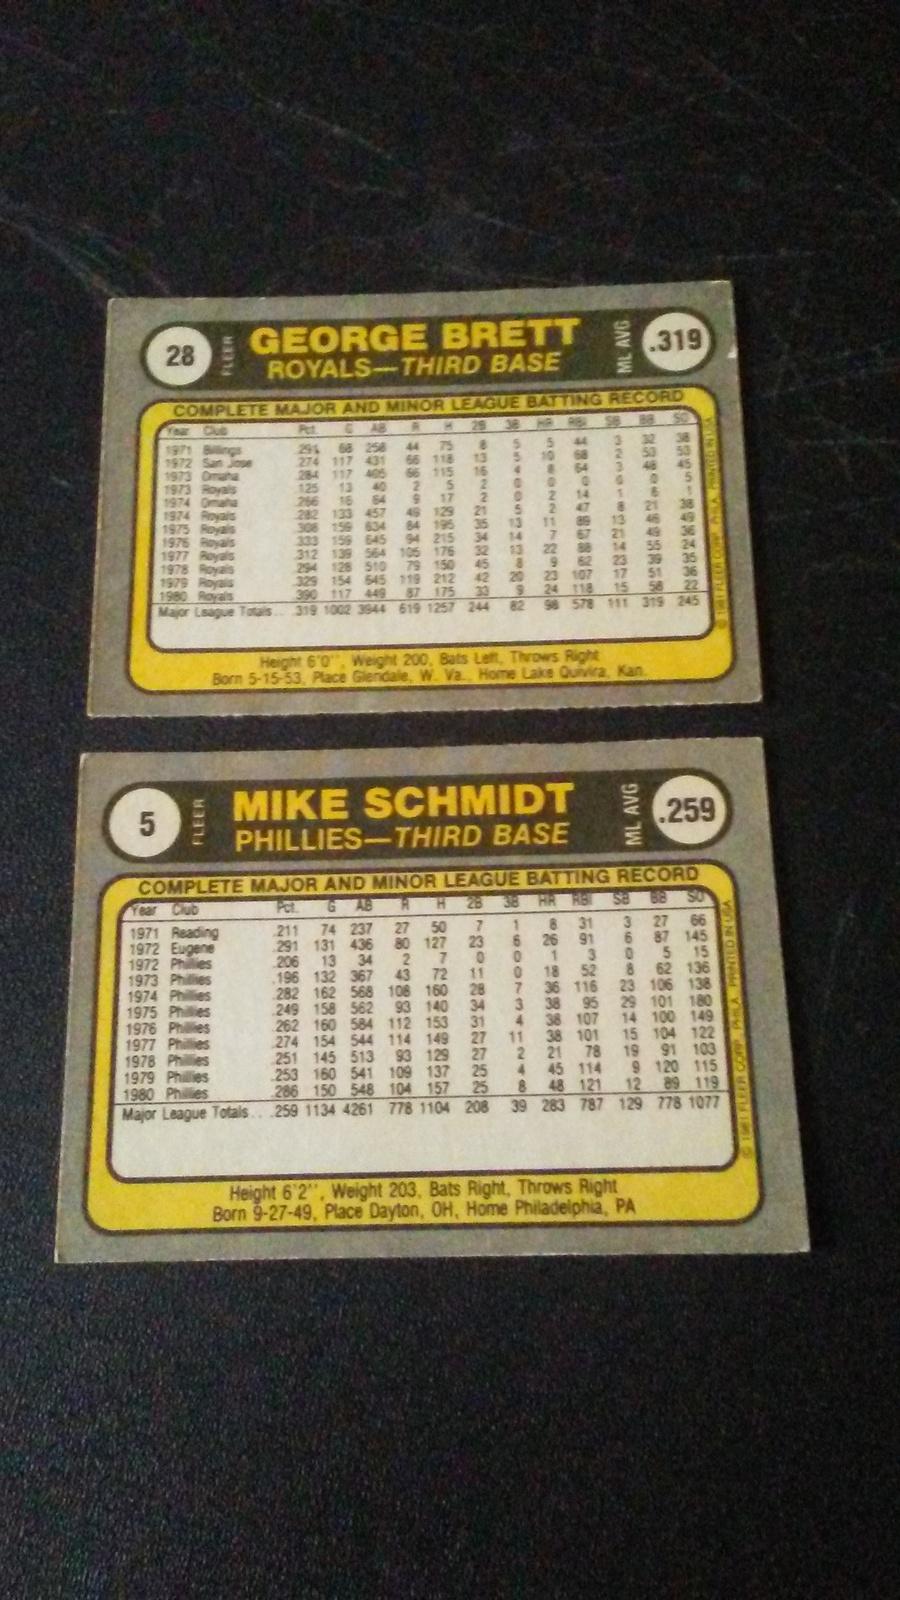 1981 Fleer Mike Schmidt and George Brett image 2